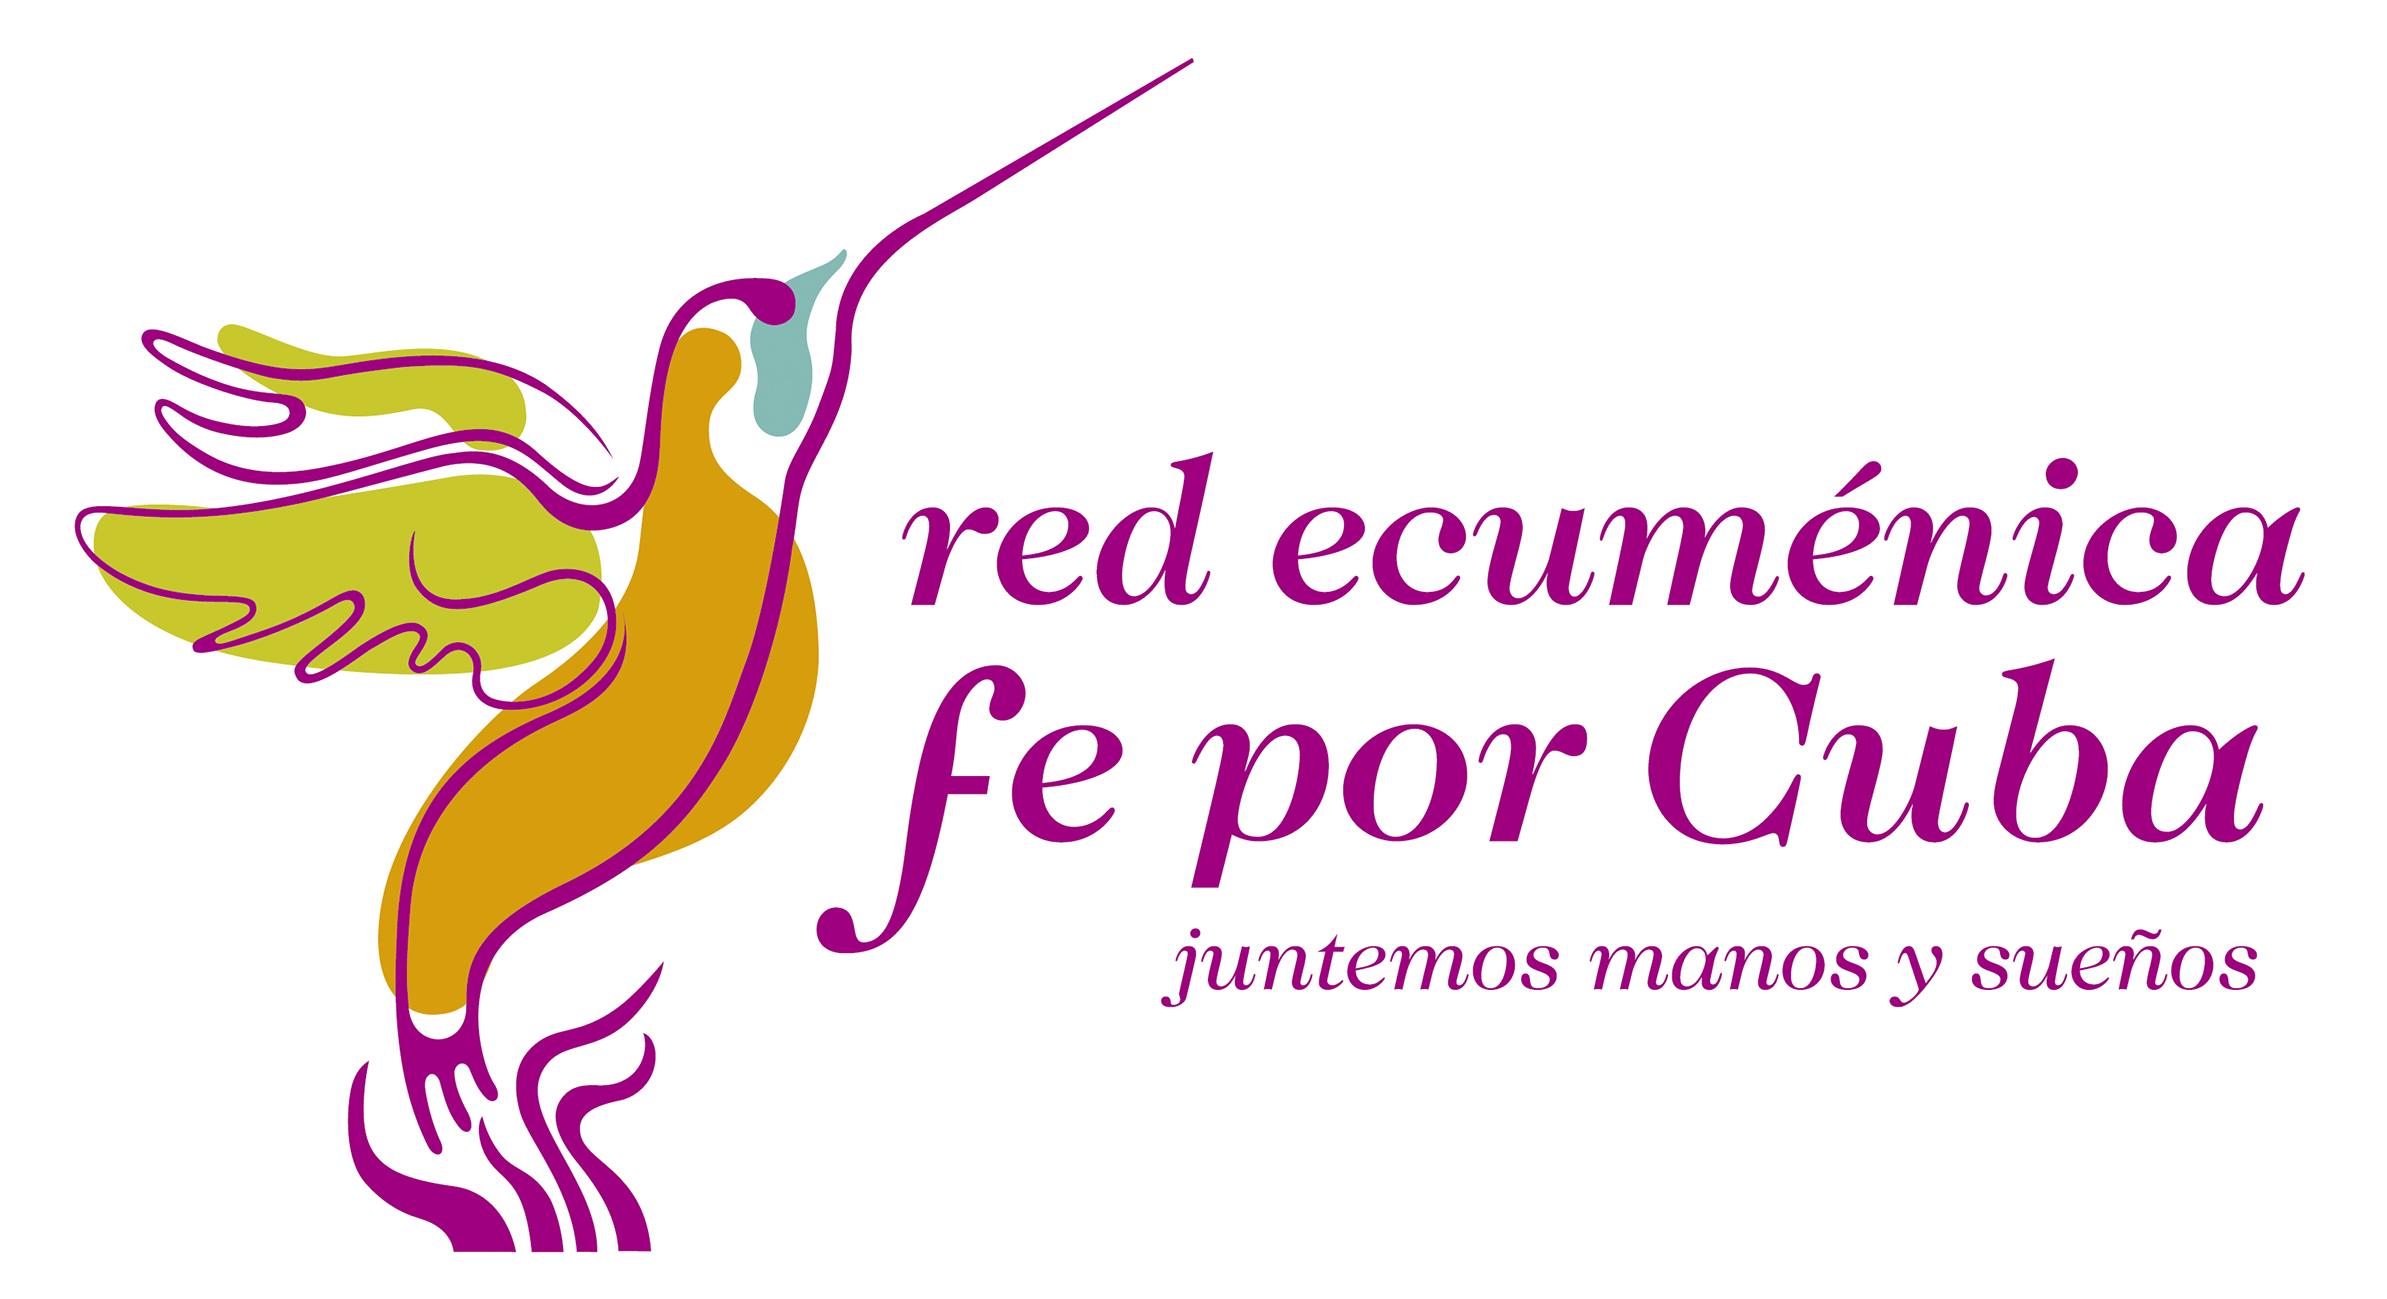 Red Ecuménica Fe por Cuba